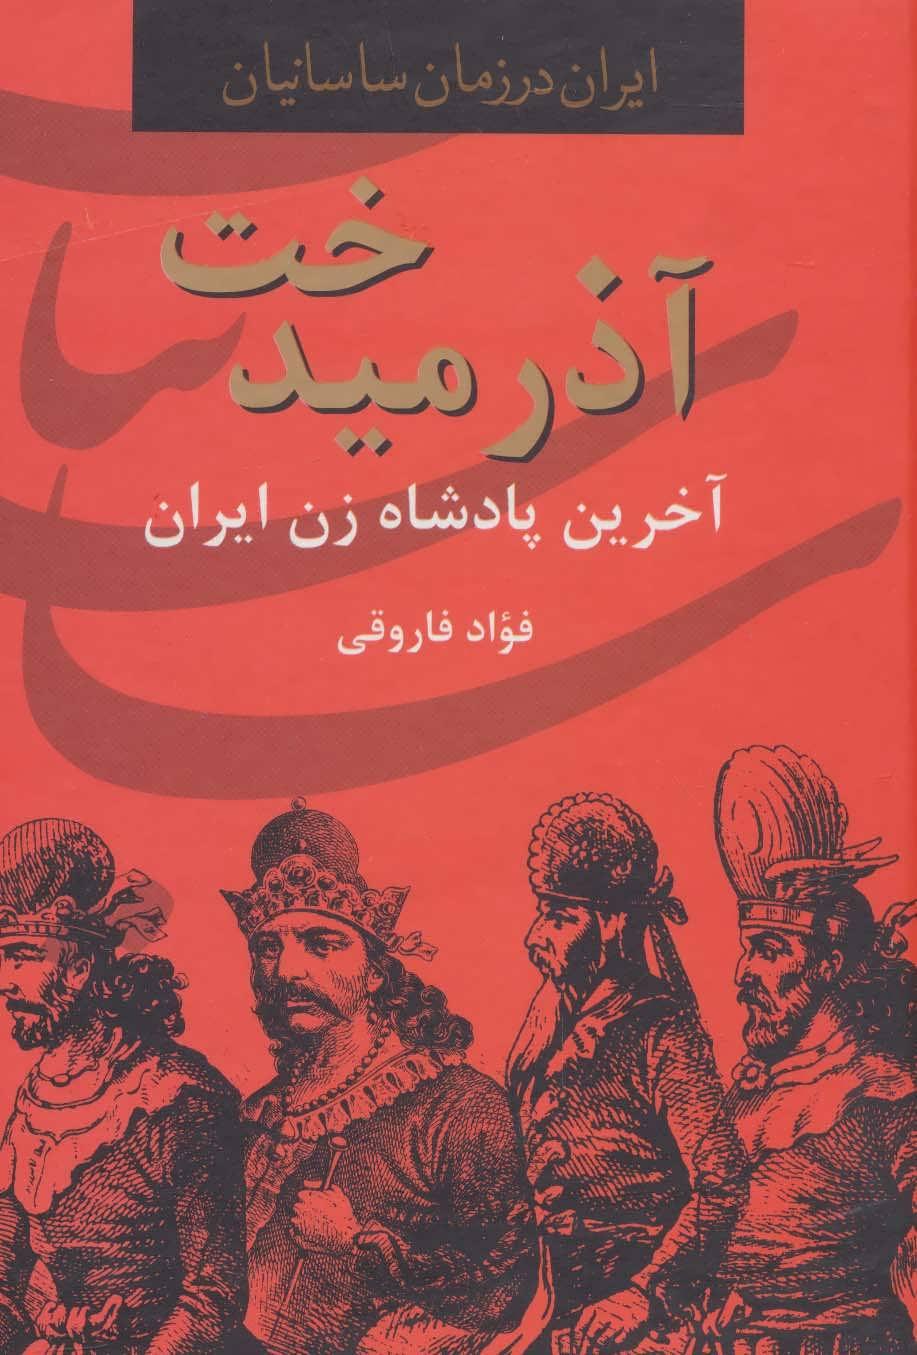 آذرمیدخت،آخرین پادشاه زن ایران (ایران در زمان ساسانیان)